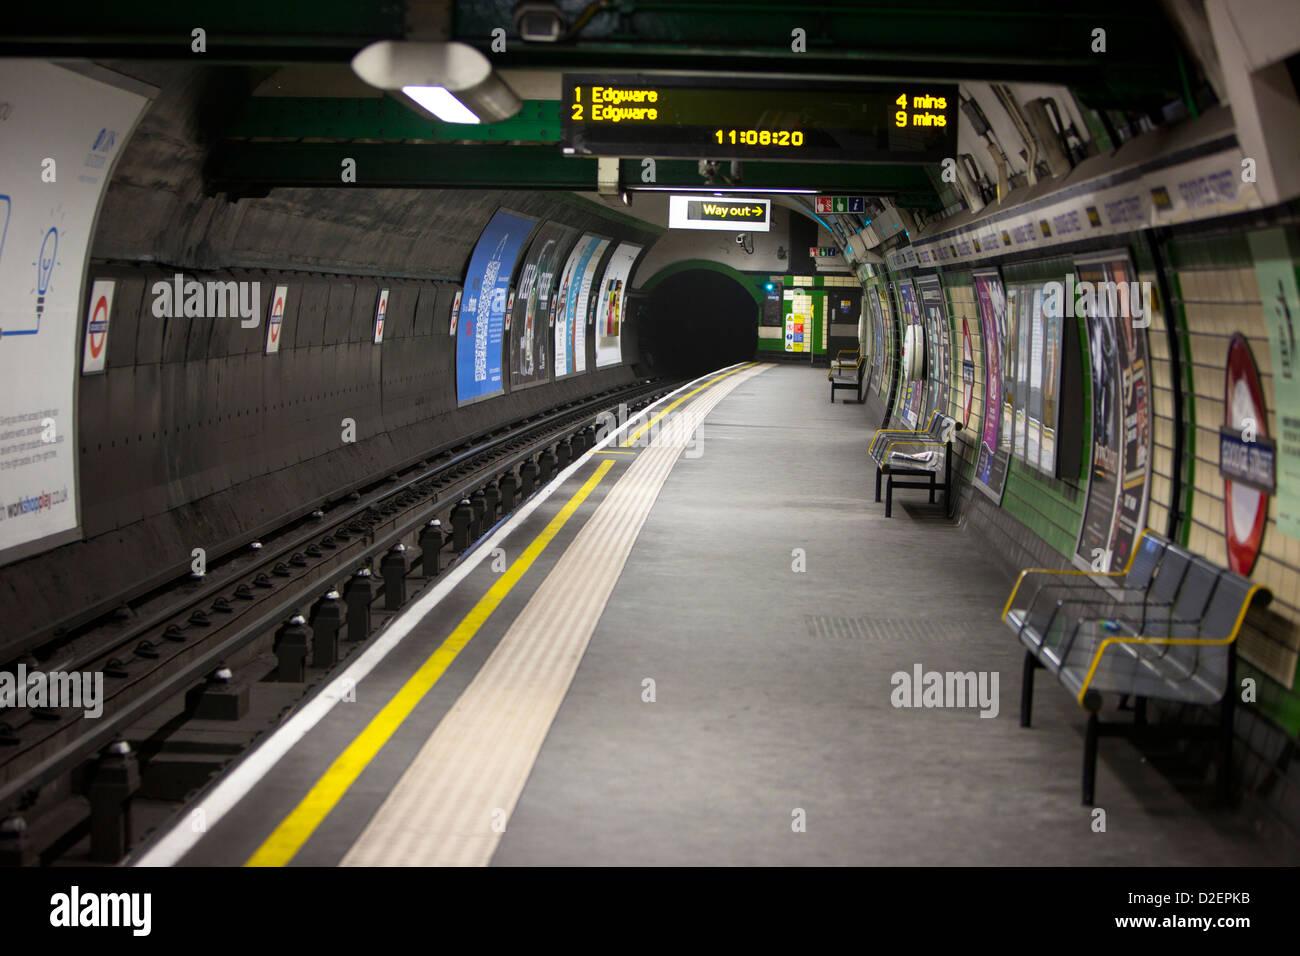 Deserted underground platform, London, England, UK - Stock Image